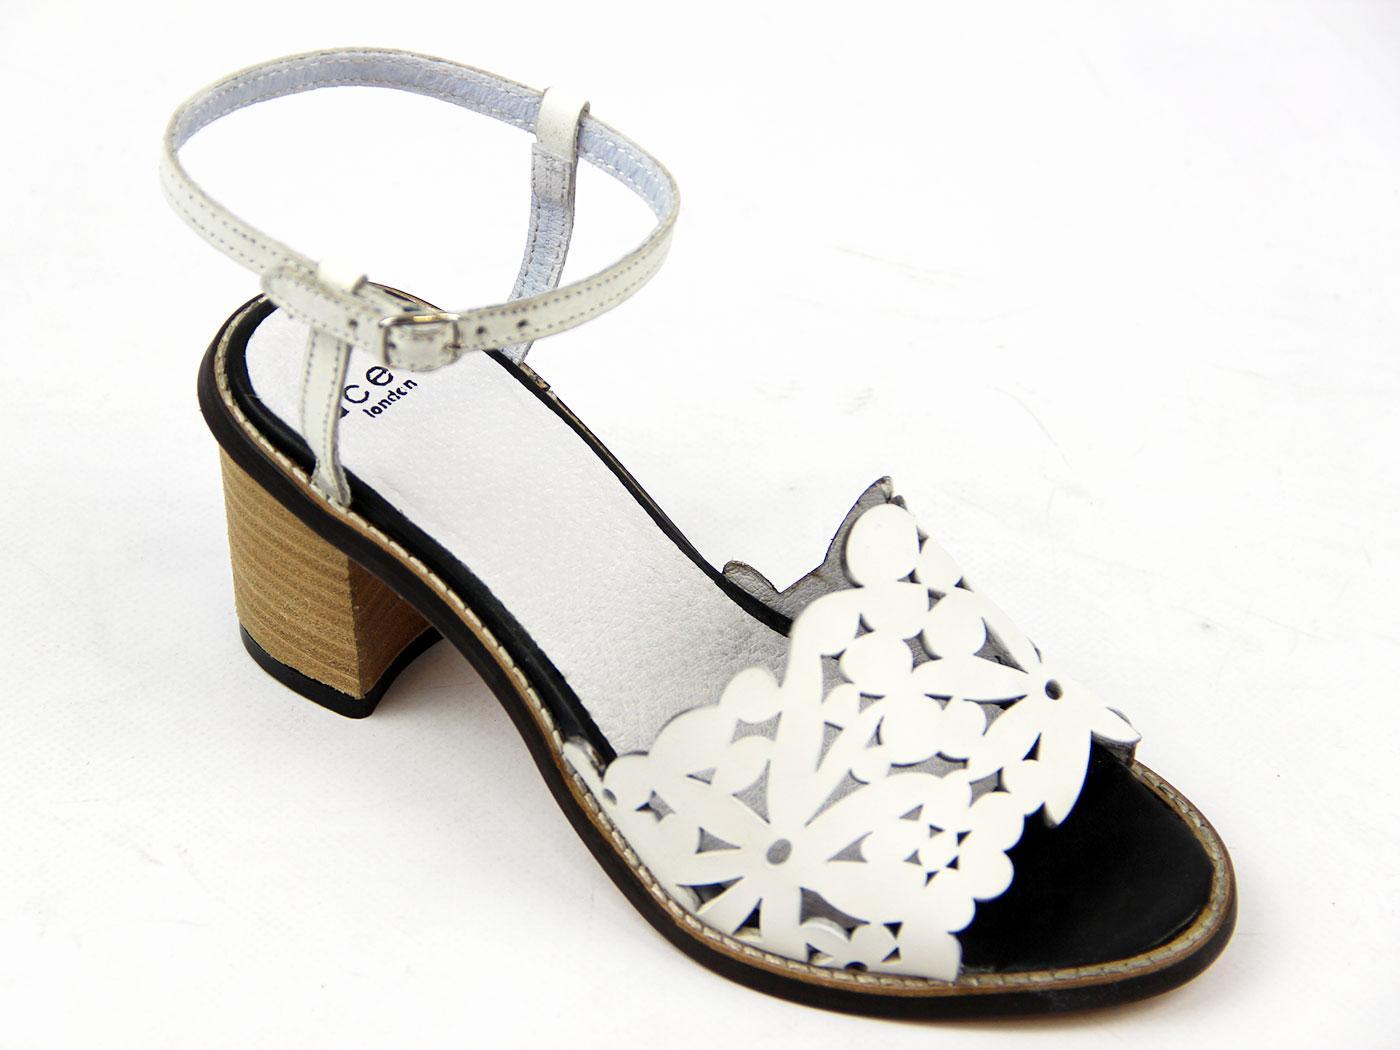 af4d24d9f81d0 LACEYS Danielle Cutouts Retro 60s Vintage Floral Sandals White